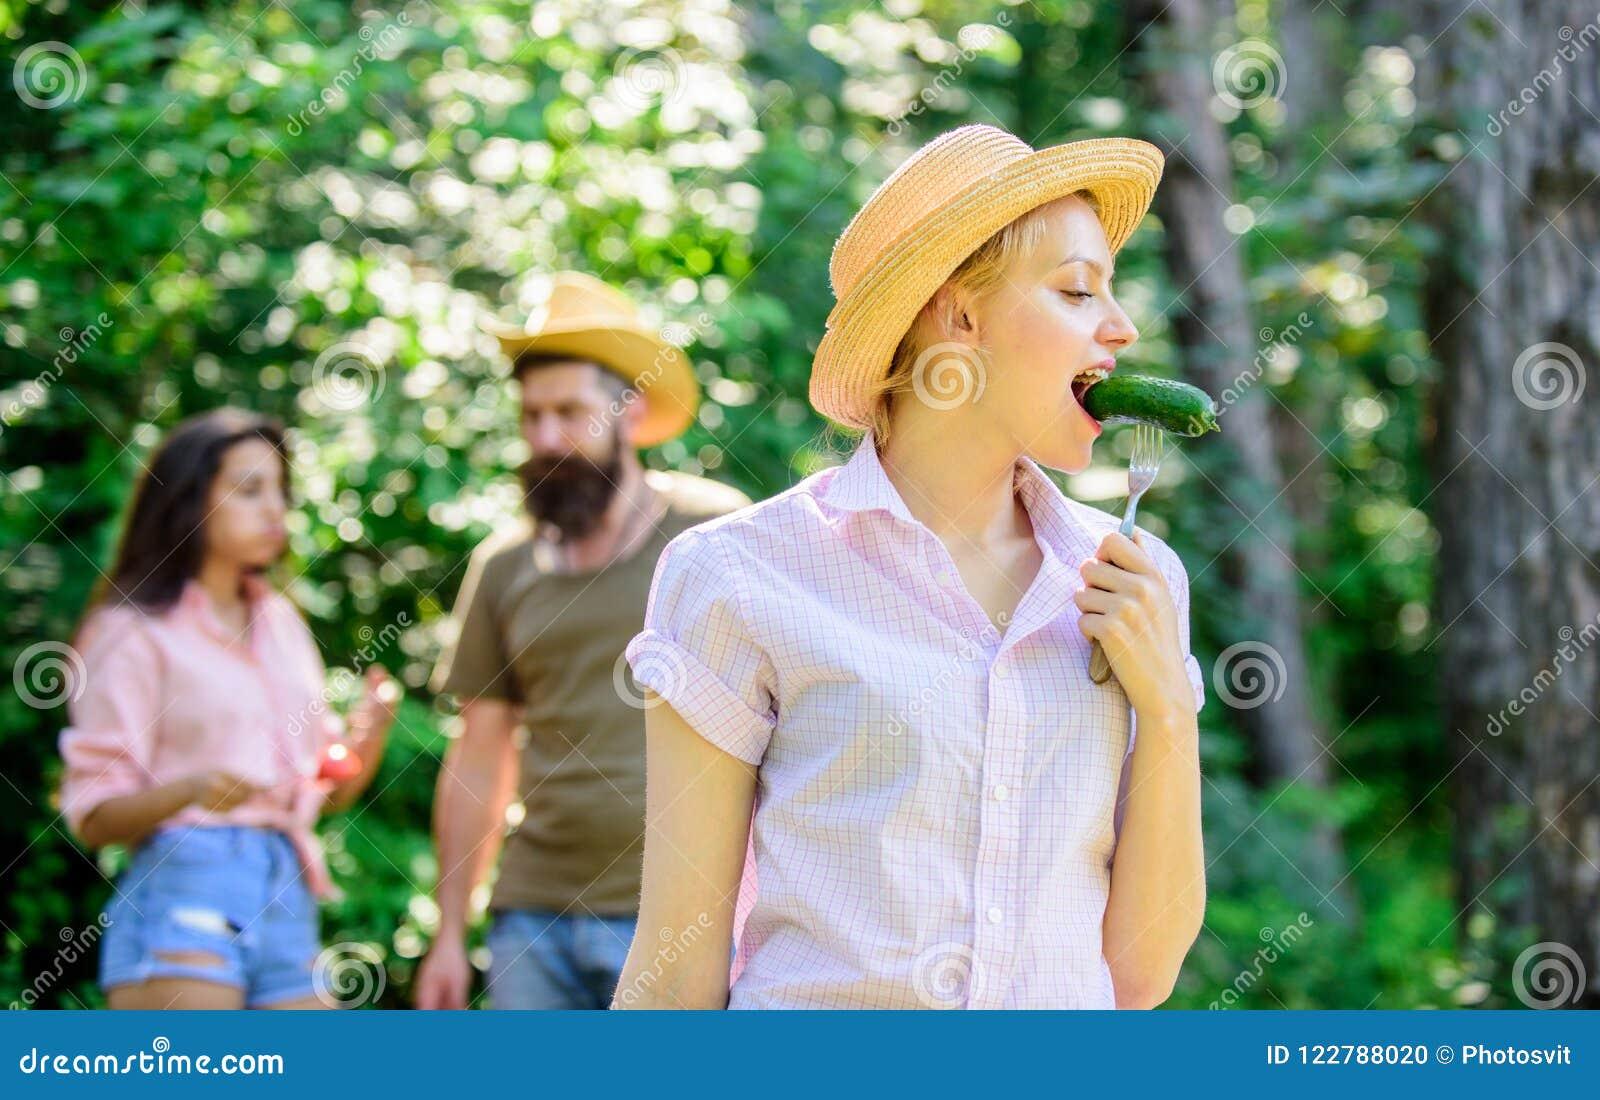 Το κορίτσι με τη μεγάλη όρεξη τρώει τα ψημένα τρόφιμα Φίλοι που τρώνε το πικ-νίκ τροφίμων Άτομο που ταΐζει την πεινασμένη κυρία μ